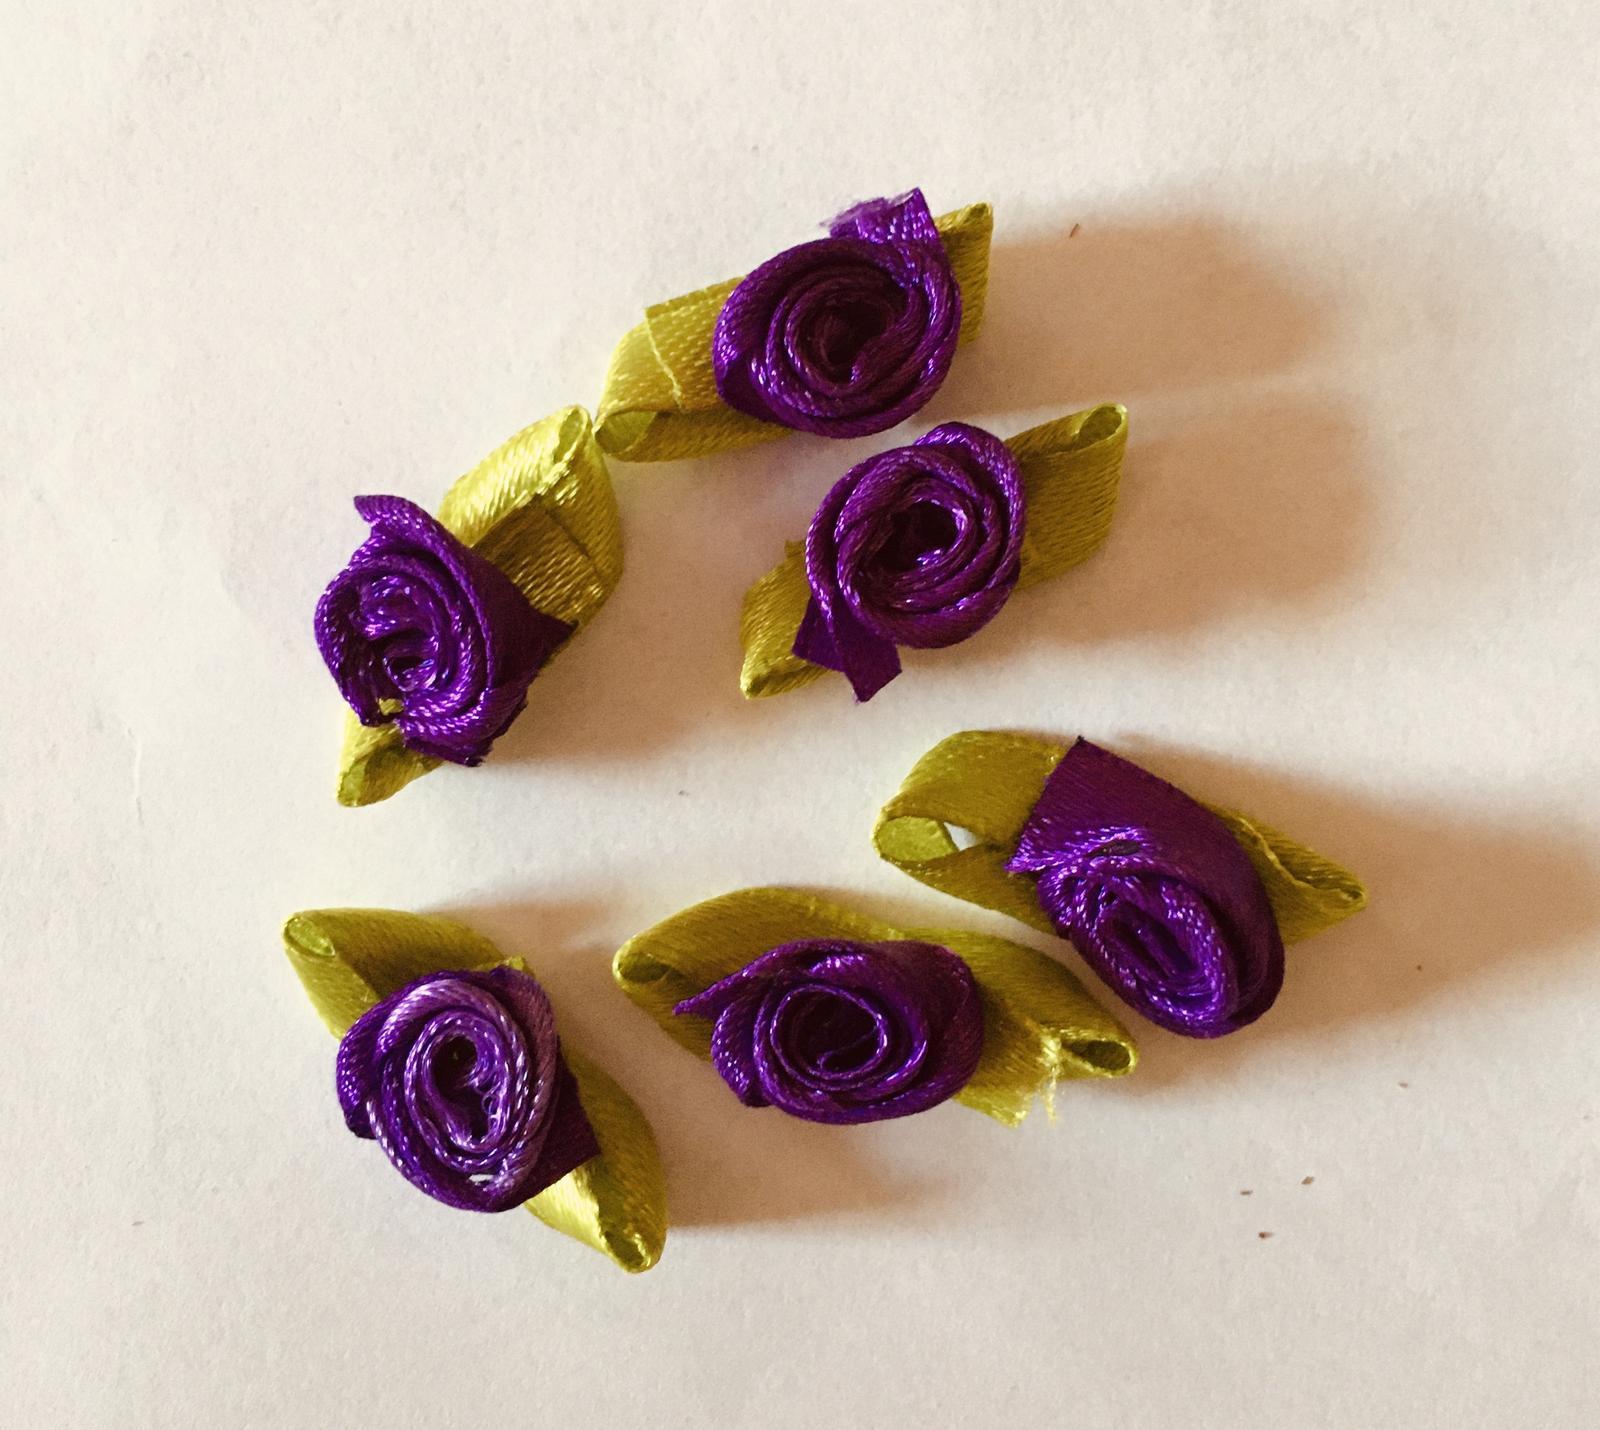 Dekorační květ látkový fialový 6 ks NOVÉ - Obrázek č. 1